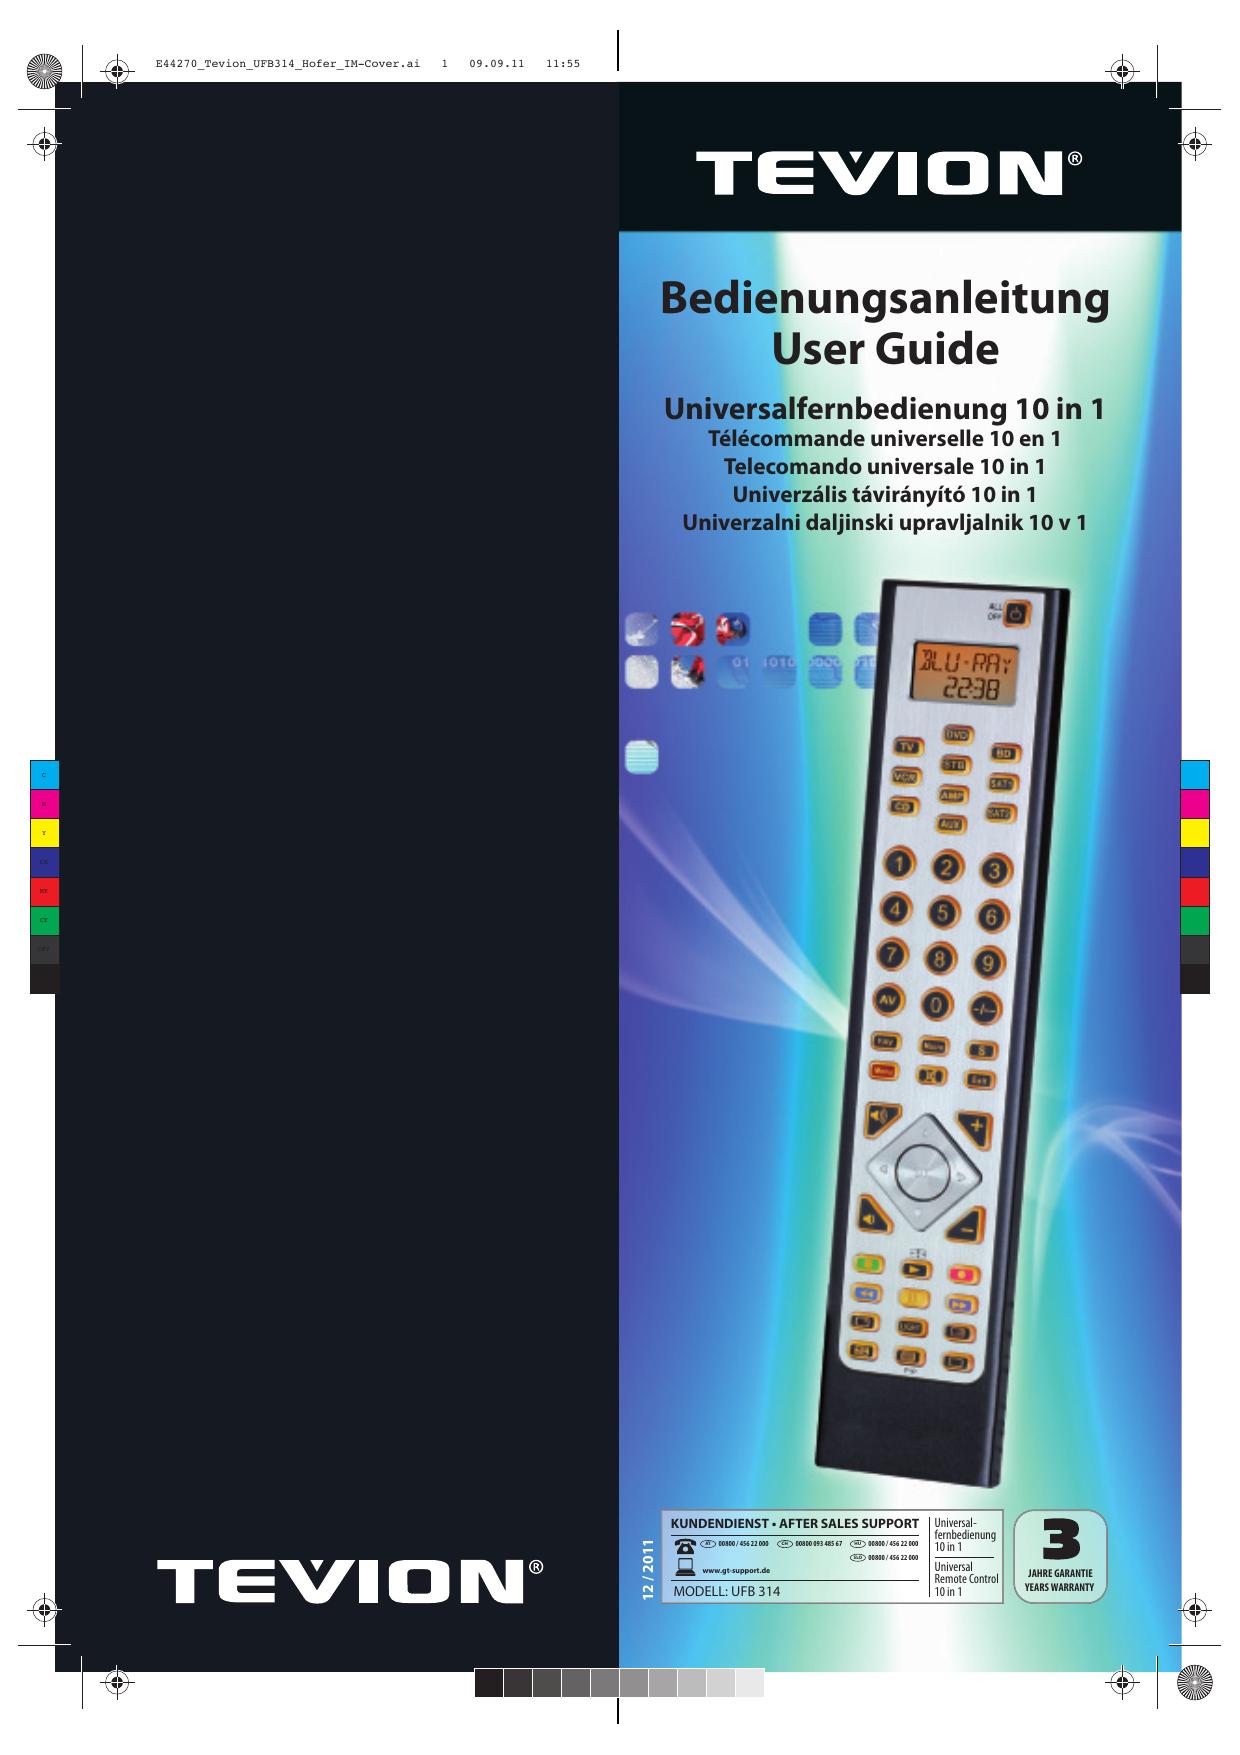 Universalfernbedienung 10 in 1 | manualzz.com